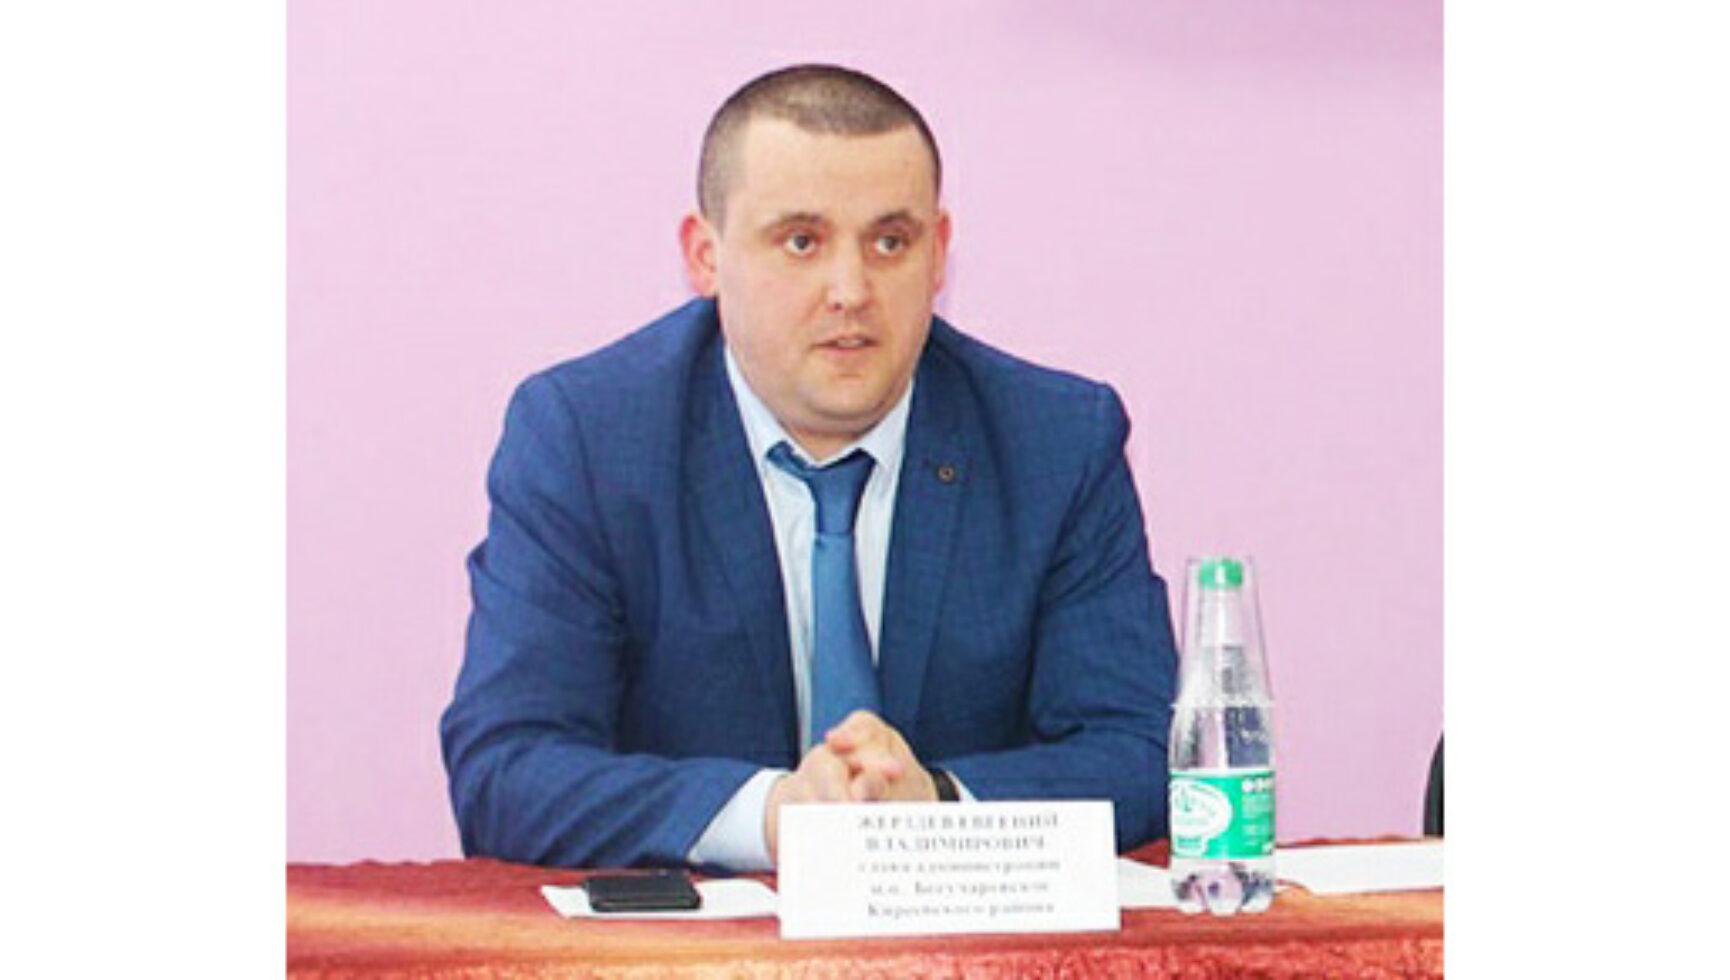 Поздравляем Жерздева Евгения Владимировича, главу администрации муниципального образования Богучаровское Киреевского района, с юбилеем!